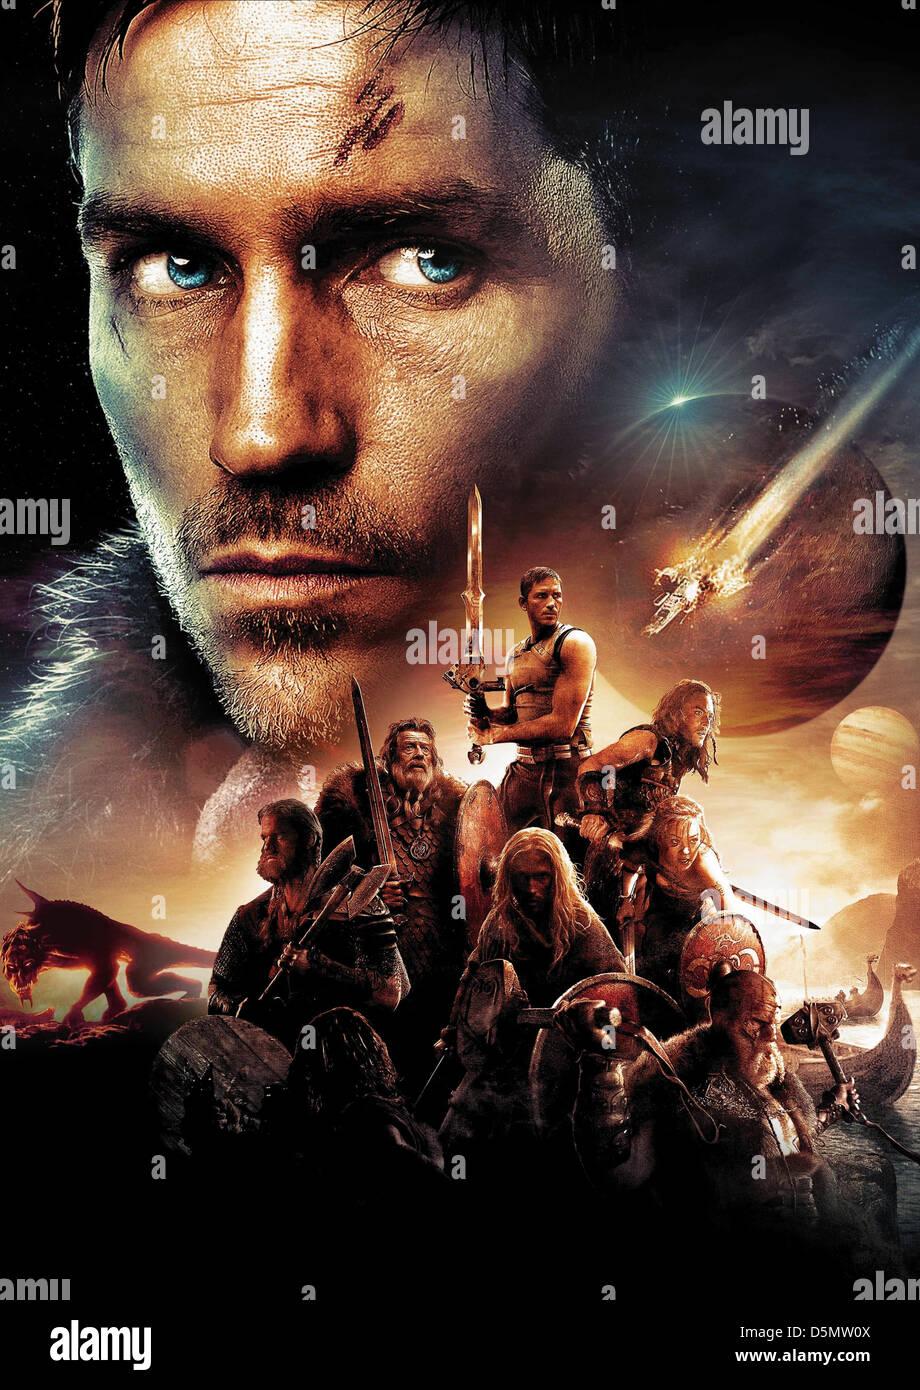 Outlander Film